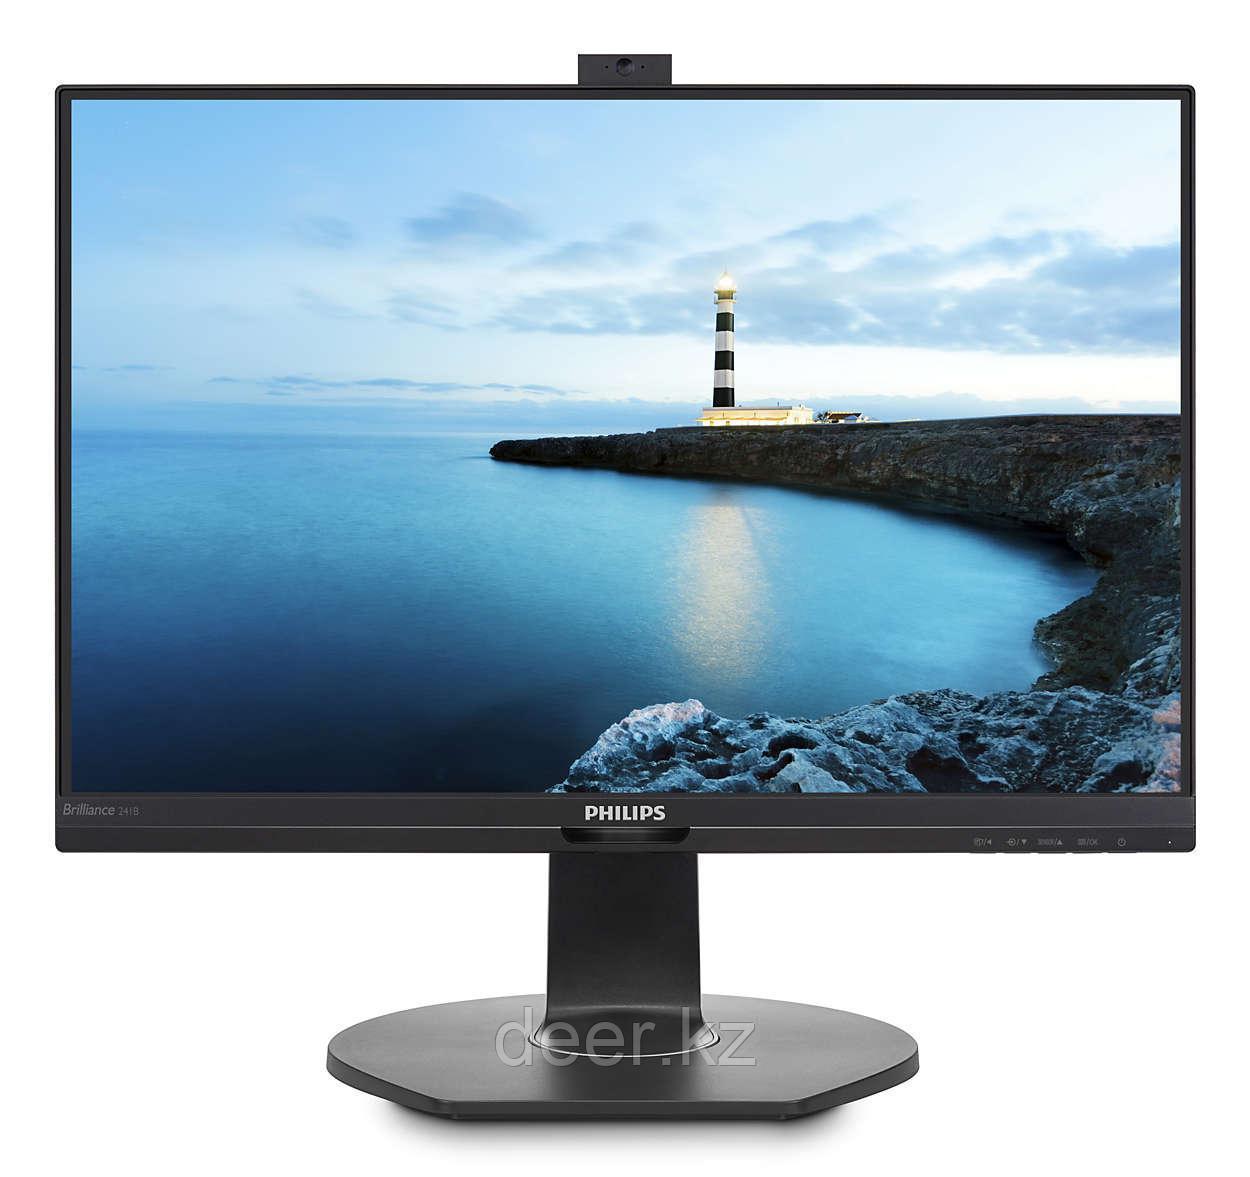 Монитор Philips  LCD 23,8'' 16:9 1920х1080 IPS 241B7QPJKEB/00